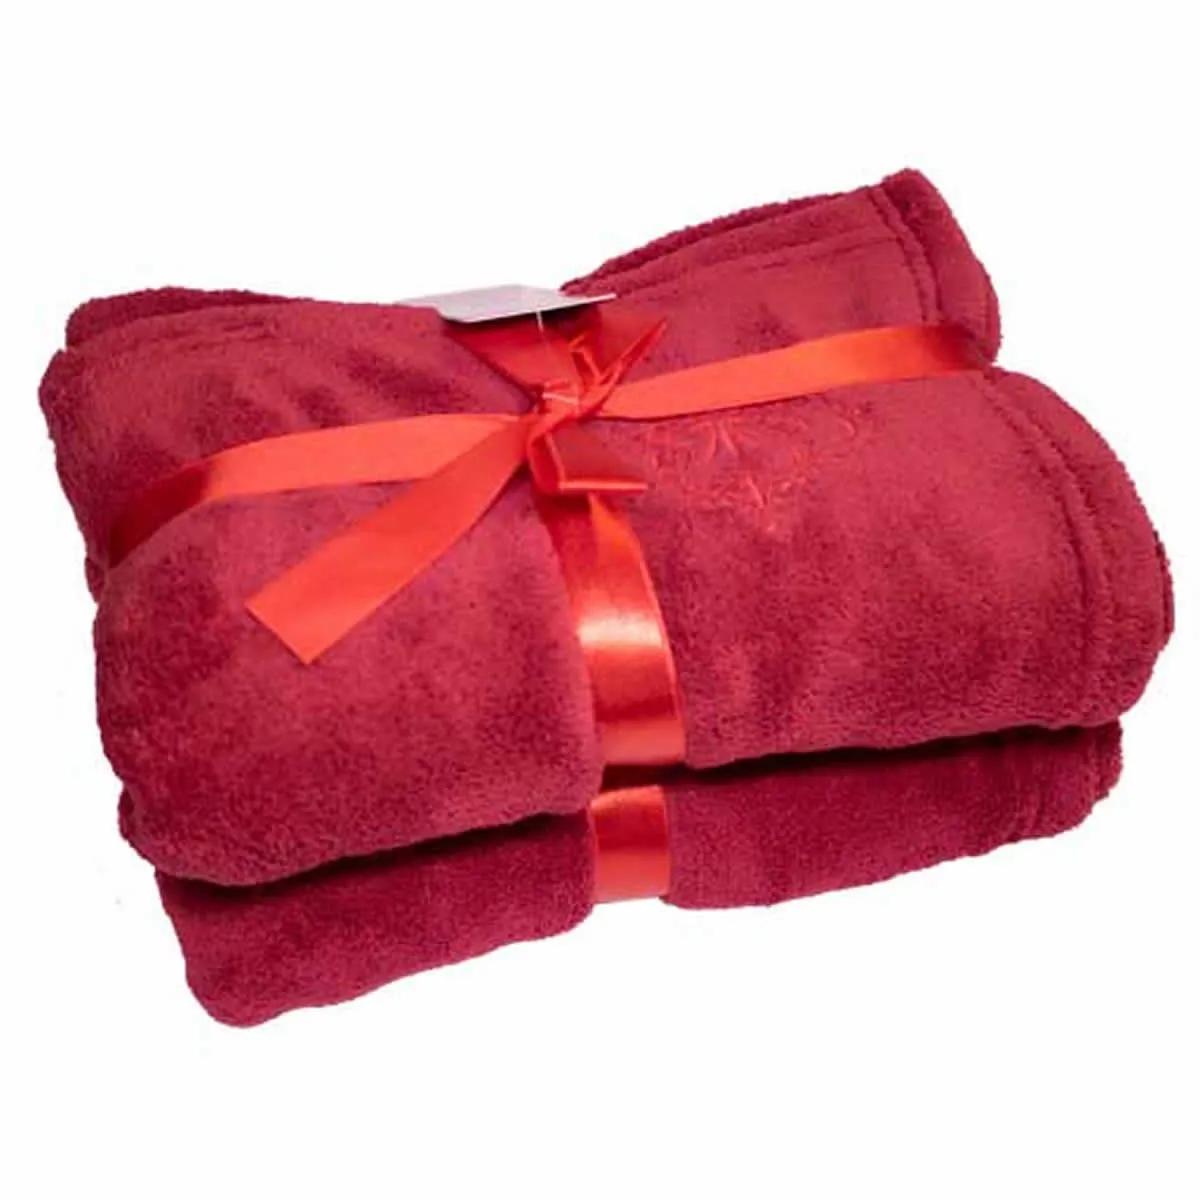 Cobertor para Cachorro e Gato de Microfibra Malloo Vermelho